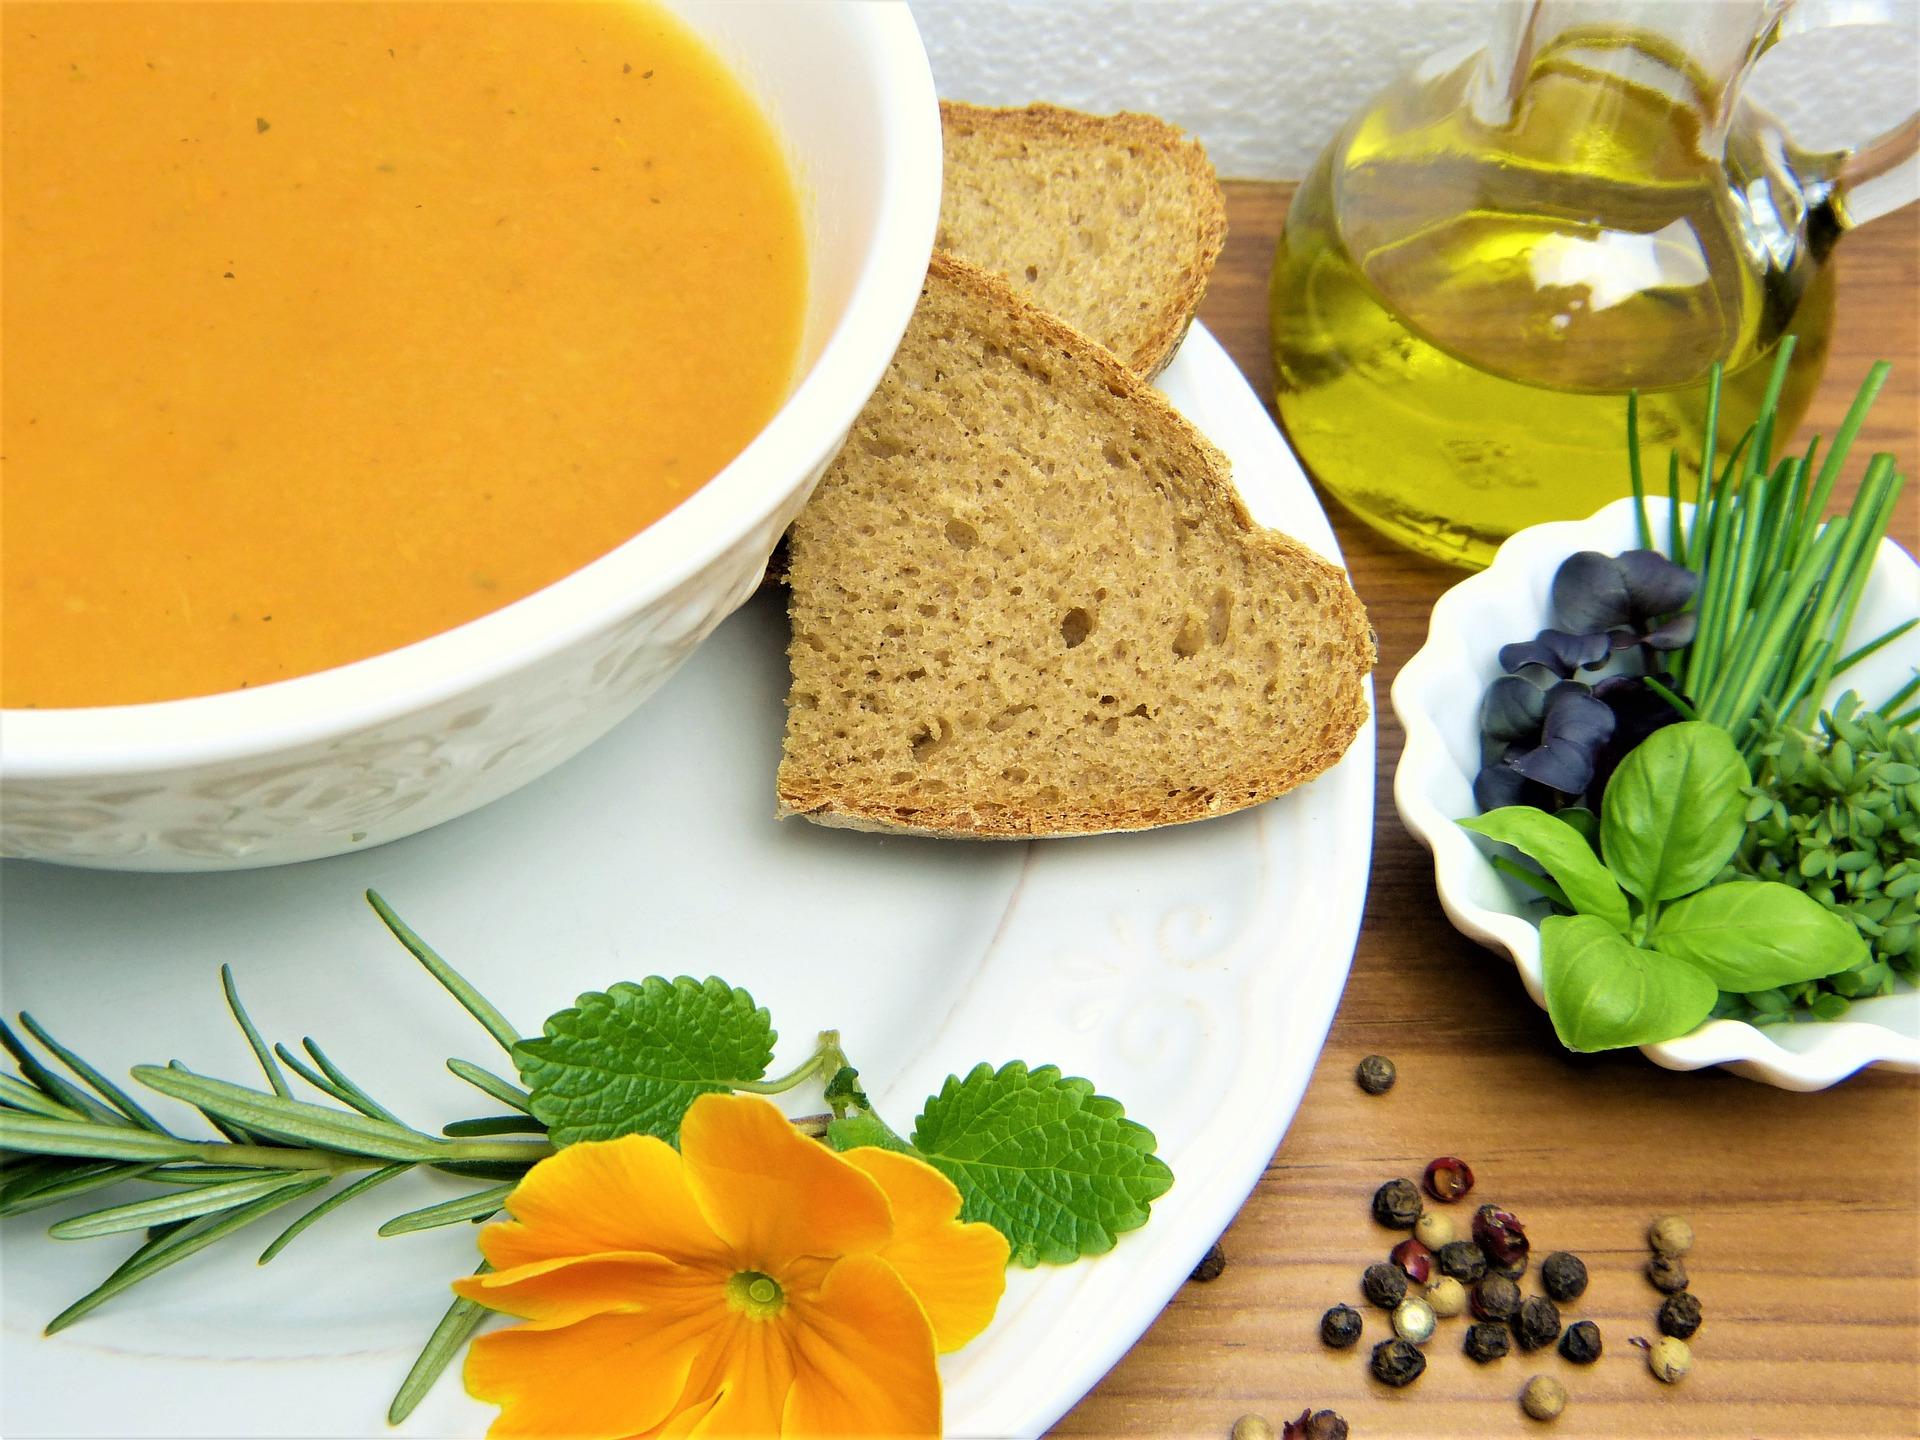 Dieta Settimanale Equilibrata Per Dimagrire : Dieta brasiliana schema e menù completo per perdere chili in